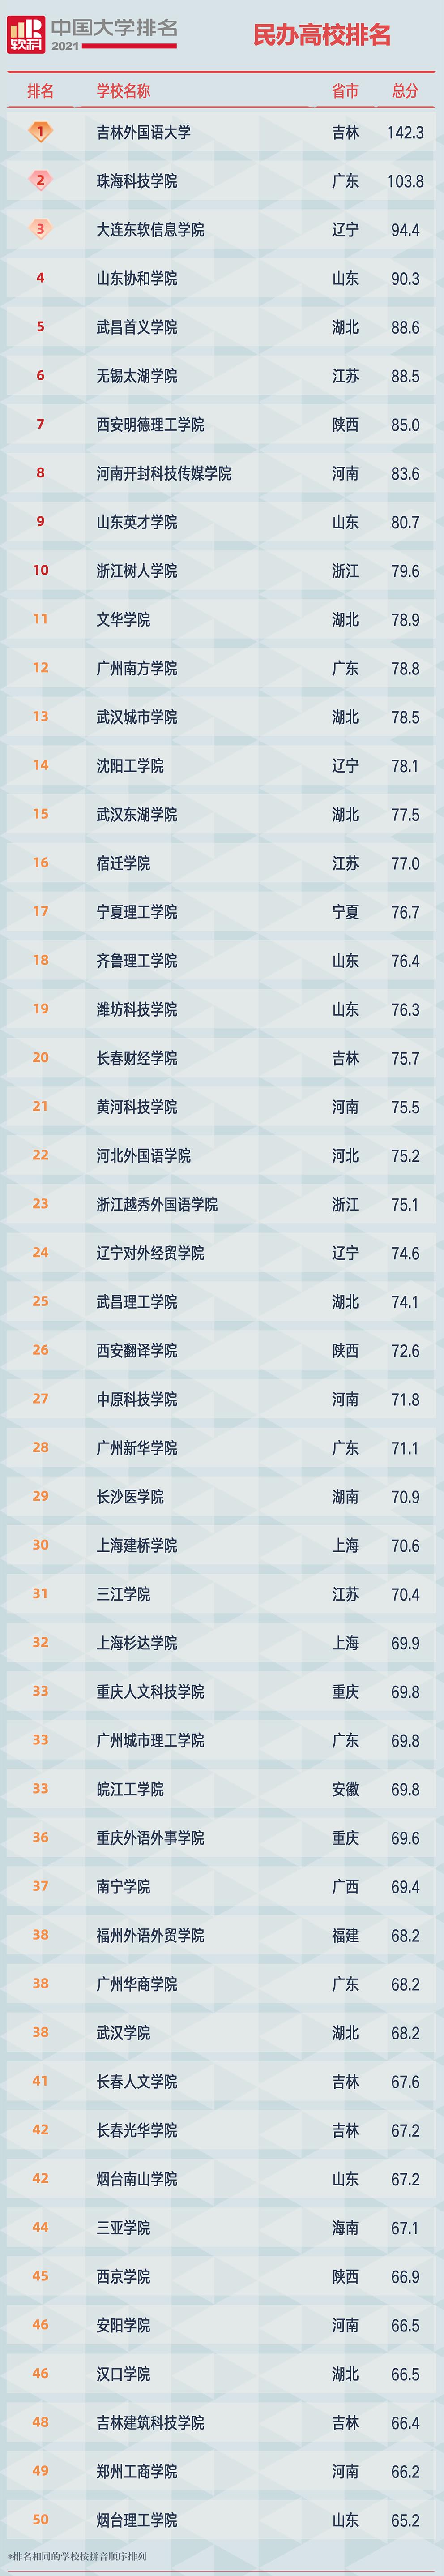 2021软科中国民办高校排名榜单